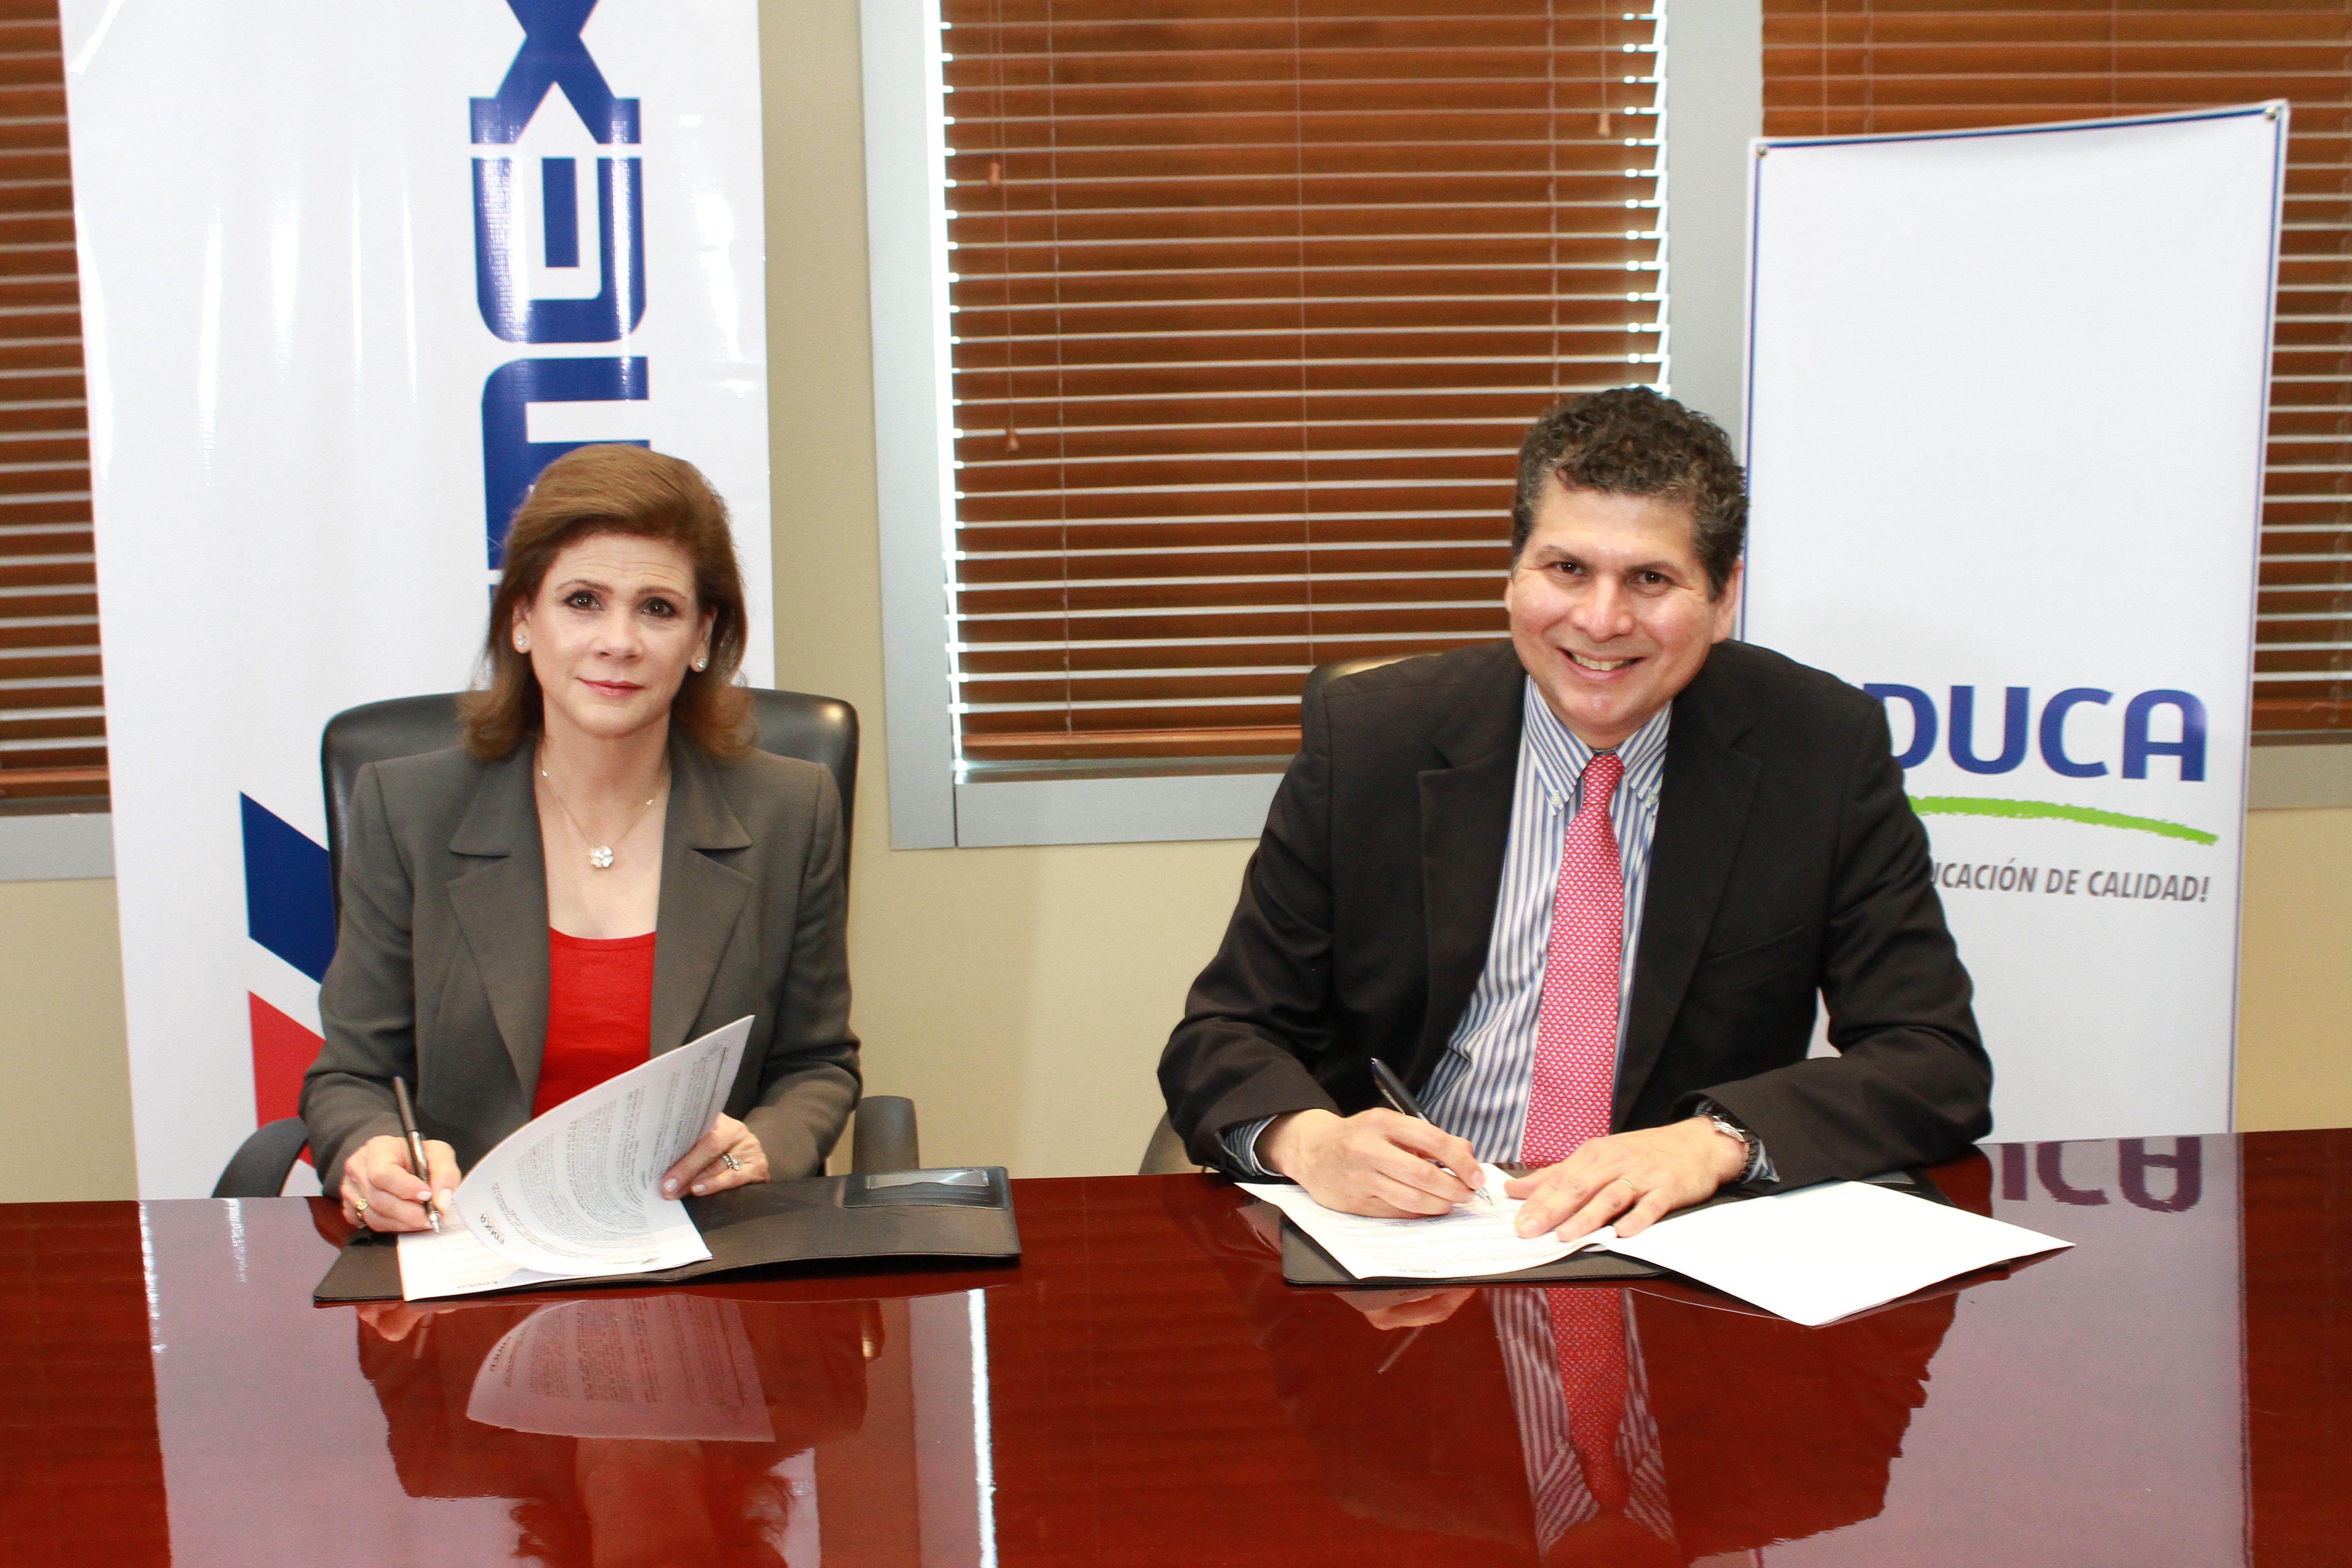 CEMEX Y EDUCA firman acuerdo para combatir pobreza en jóvenes